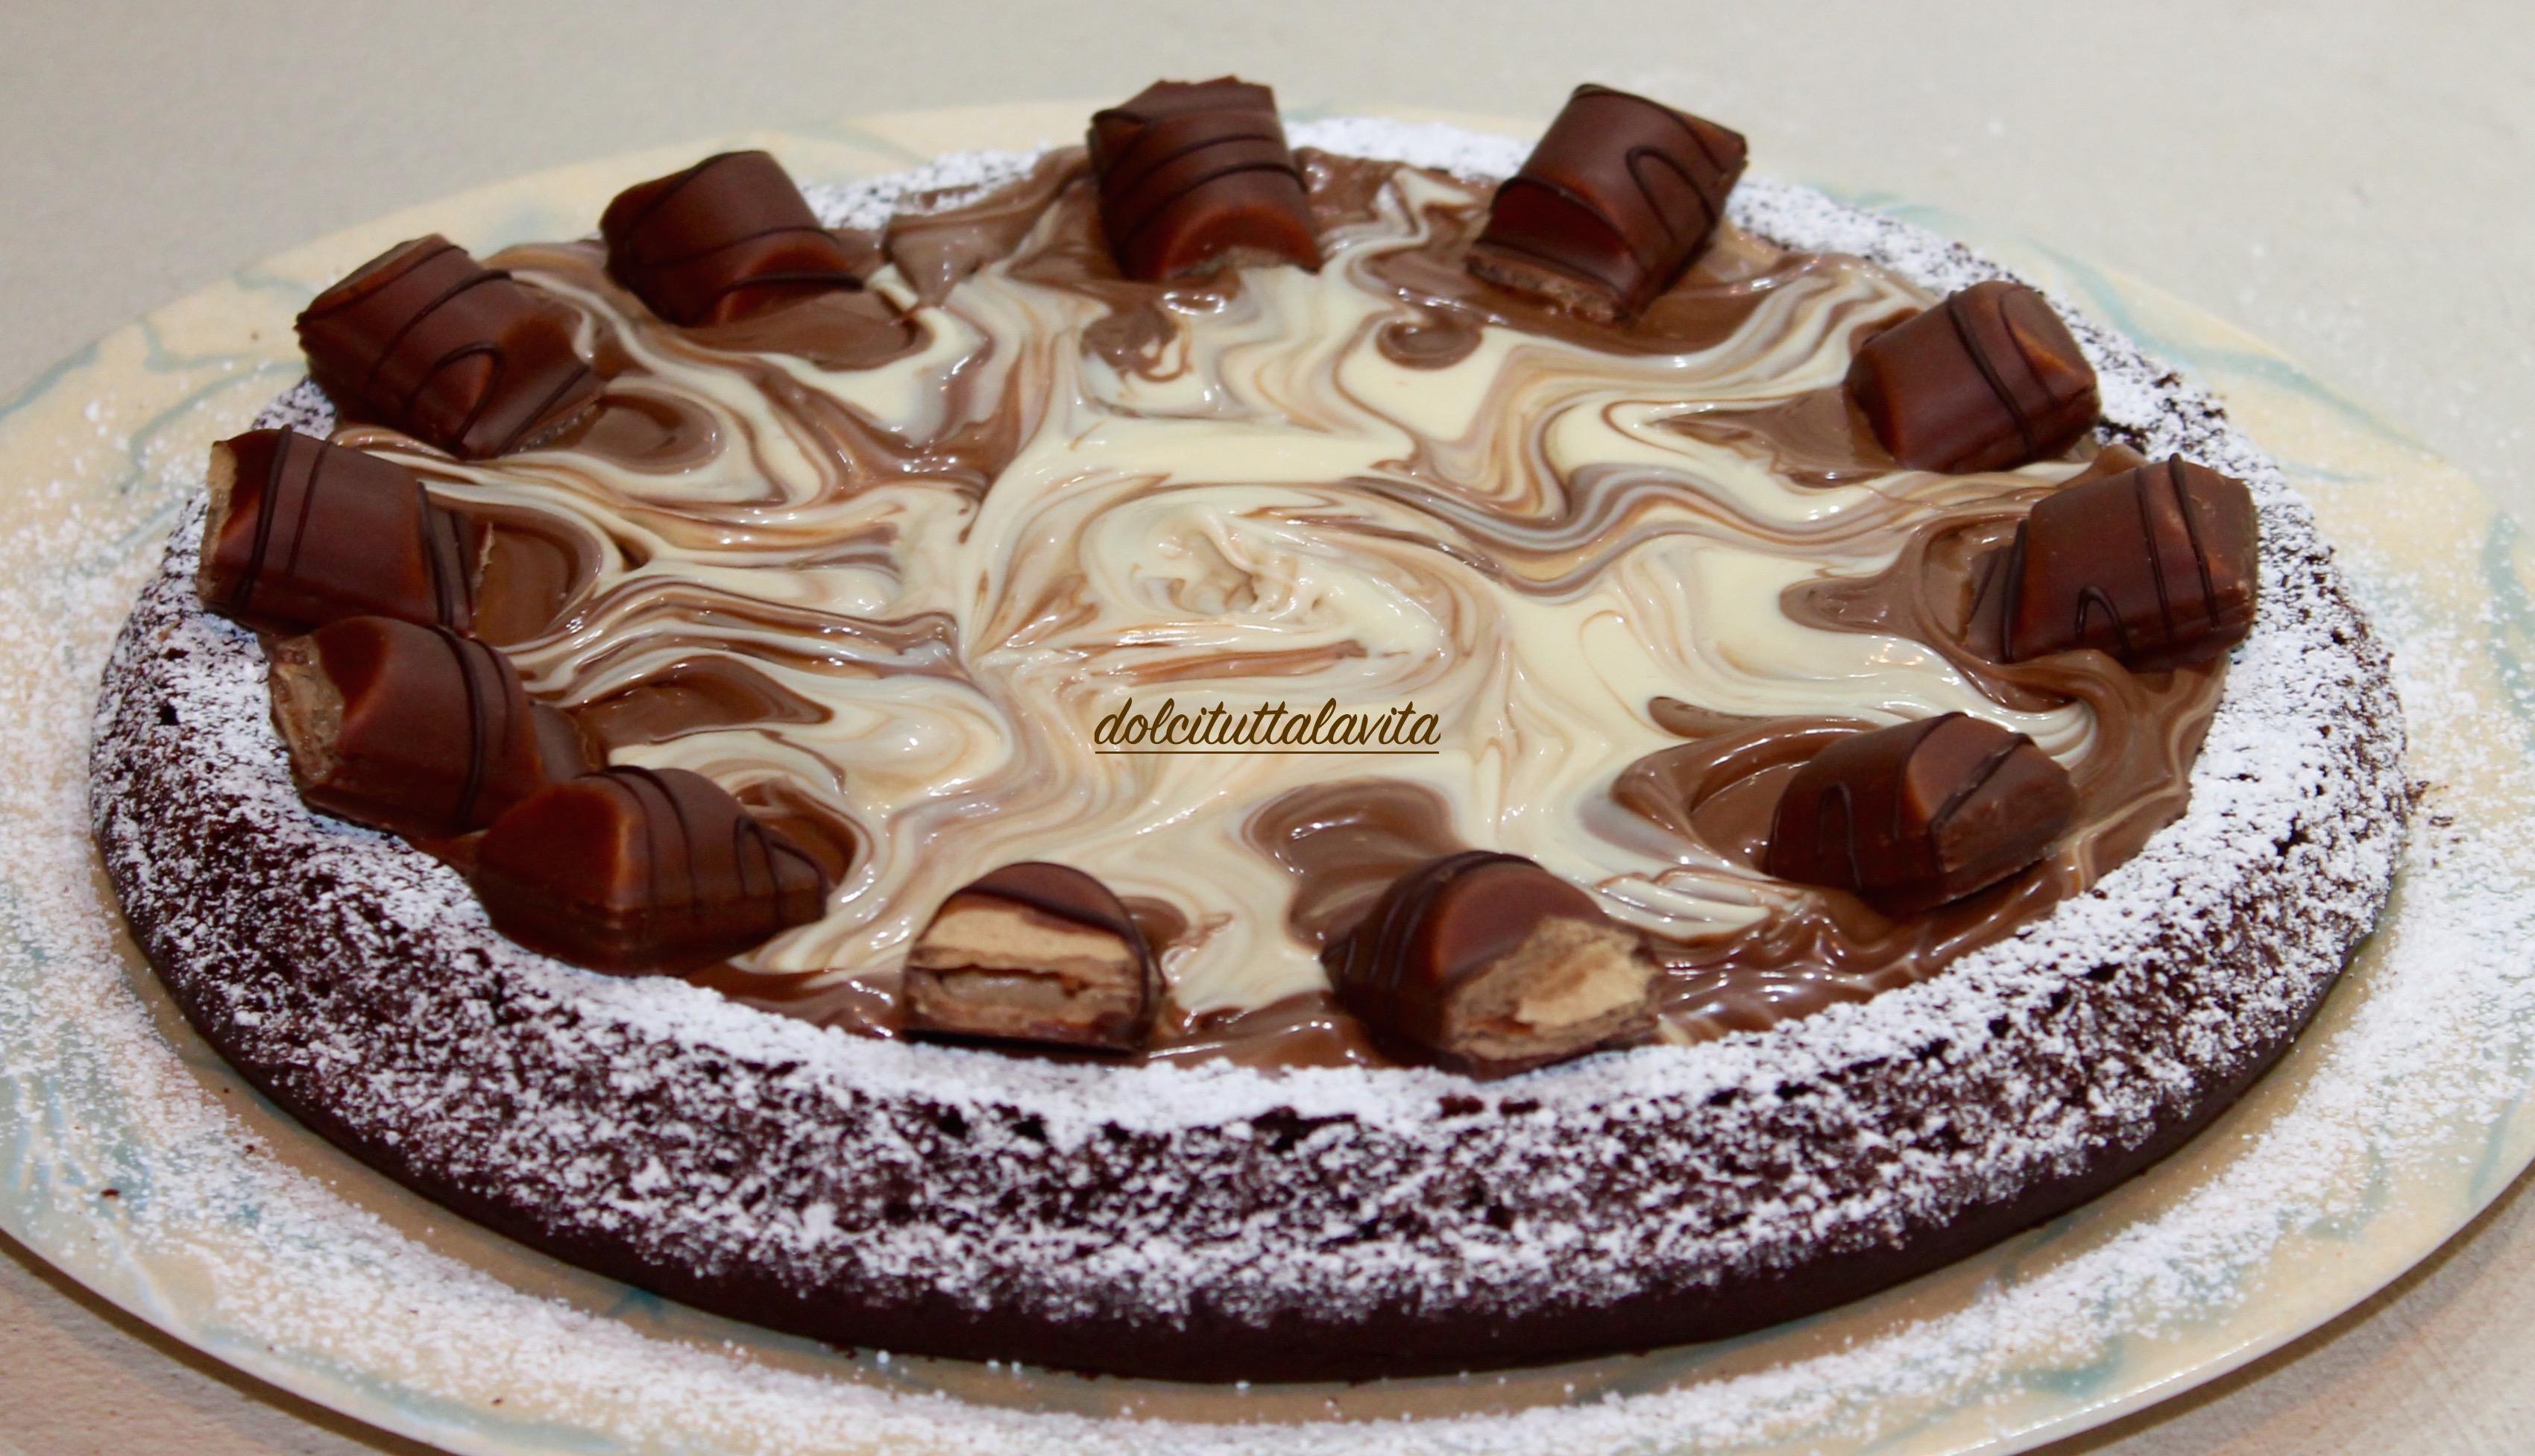 Extrêmement Ricette Torta kinder bueno - Le ricette di GialloZafferano LJ73